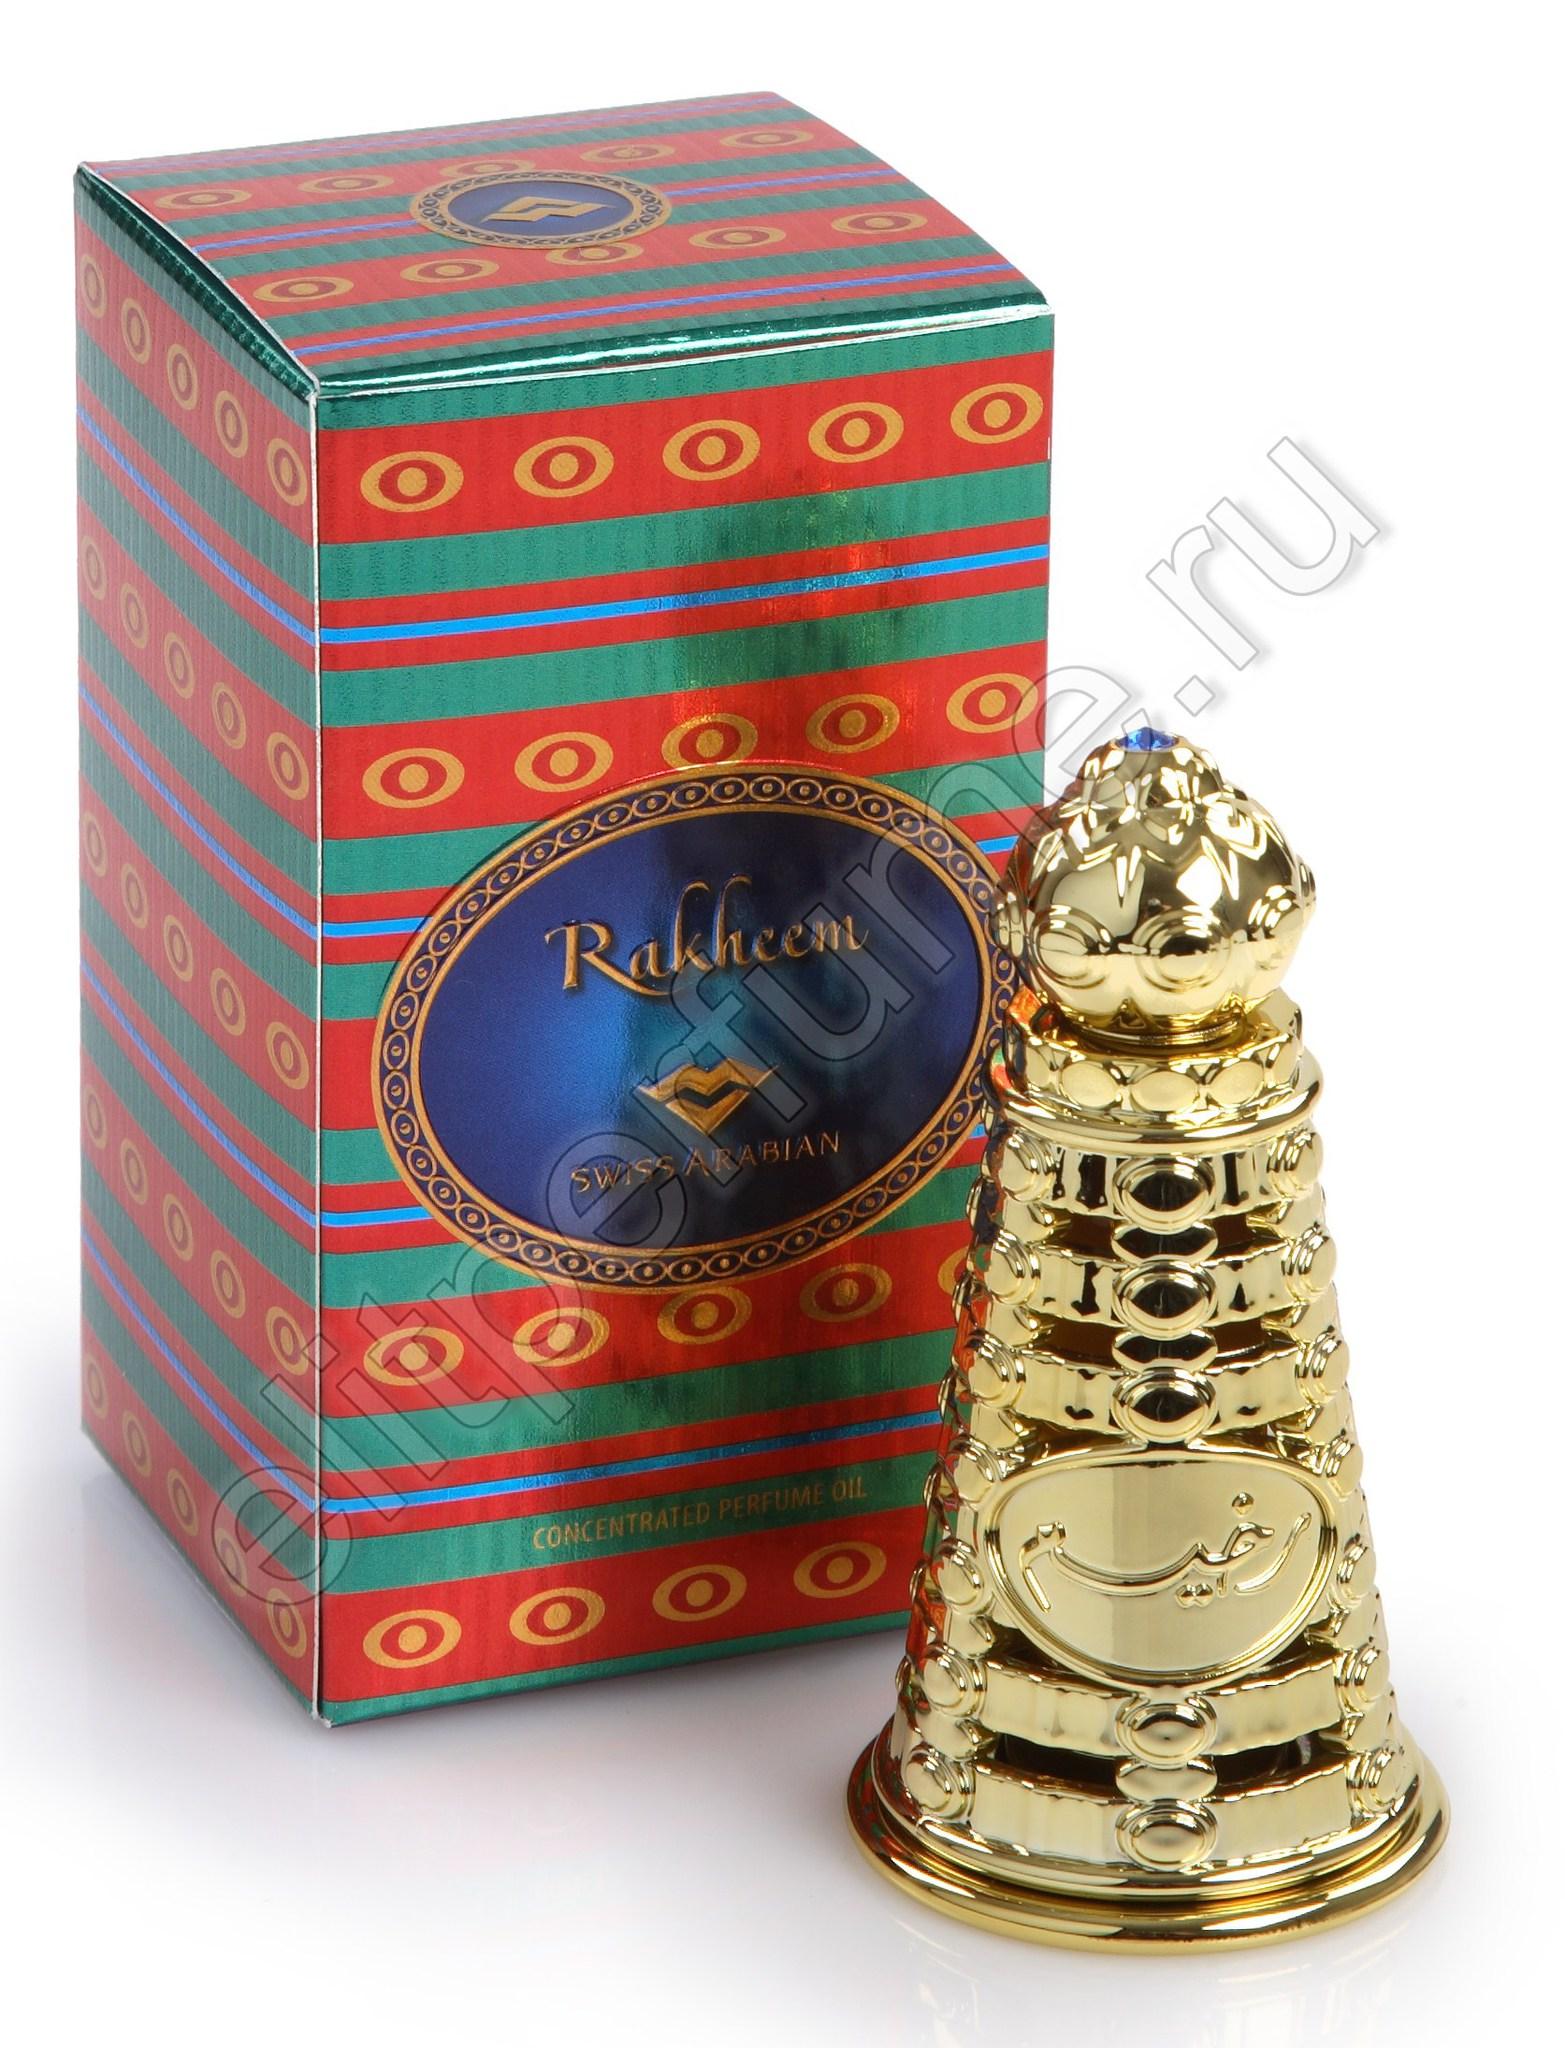 Пробники для арабских духов Рахим Rakheem 1 мл арабские масляные духи от Свисс Арабиан Swiss Arabian